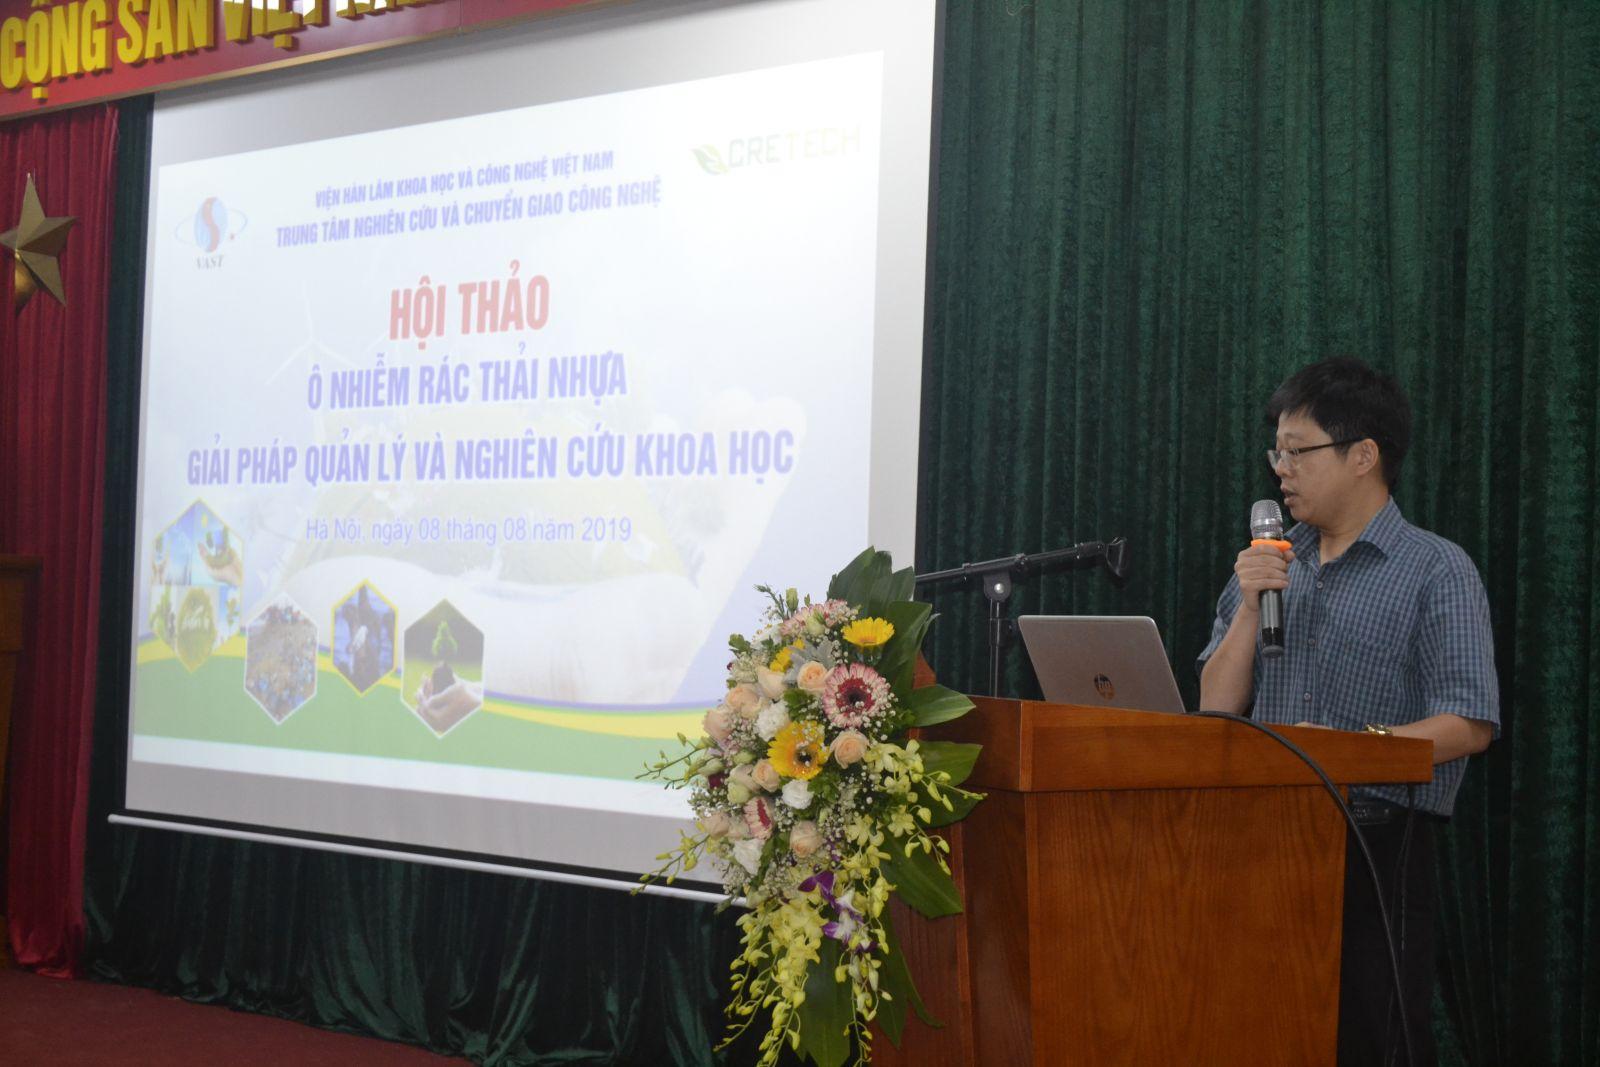 PTN trọng điểm về An toàn thực phẩm và Môi trường, Viện Hàn lâm Khoa học và Công nghệ Việt Nam